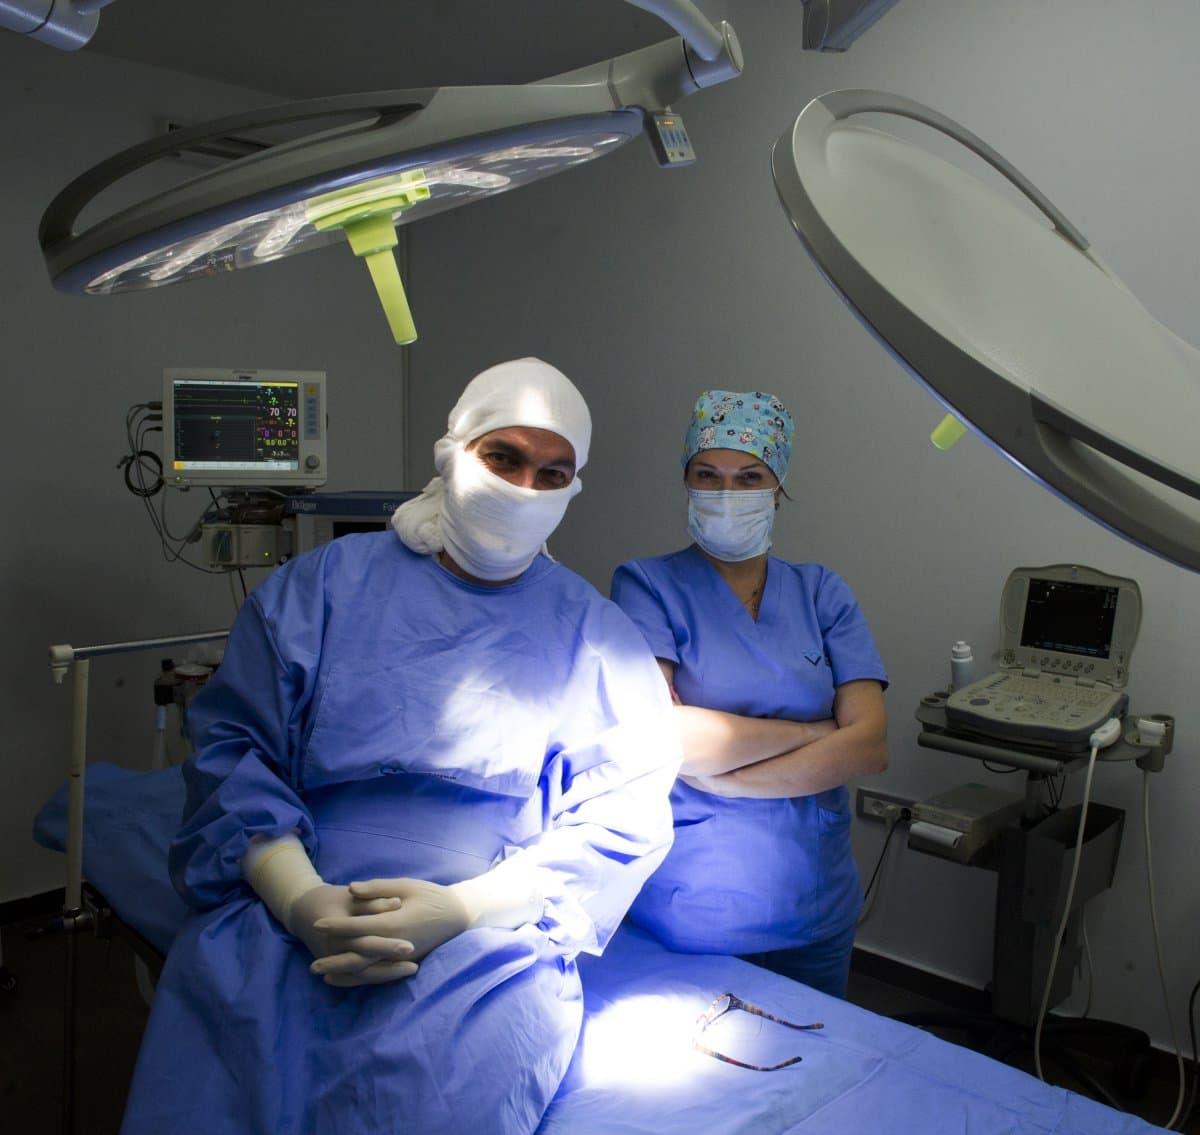 Vene medik tim